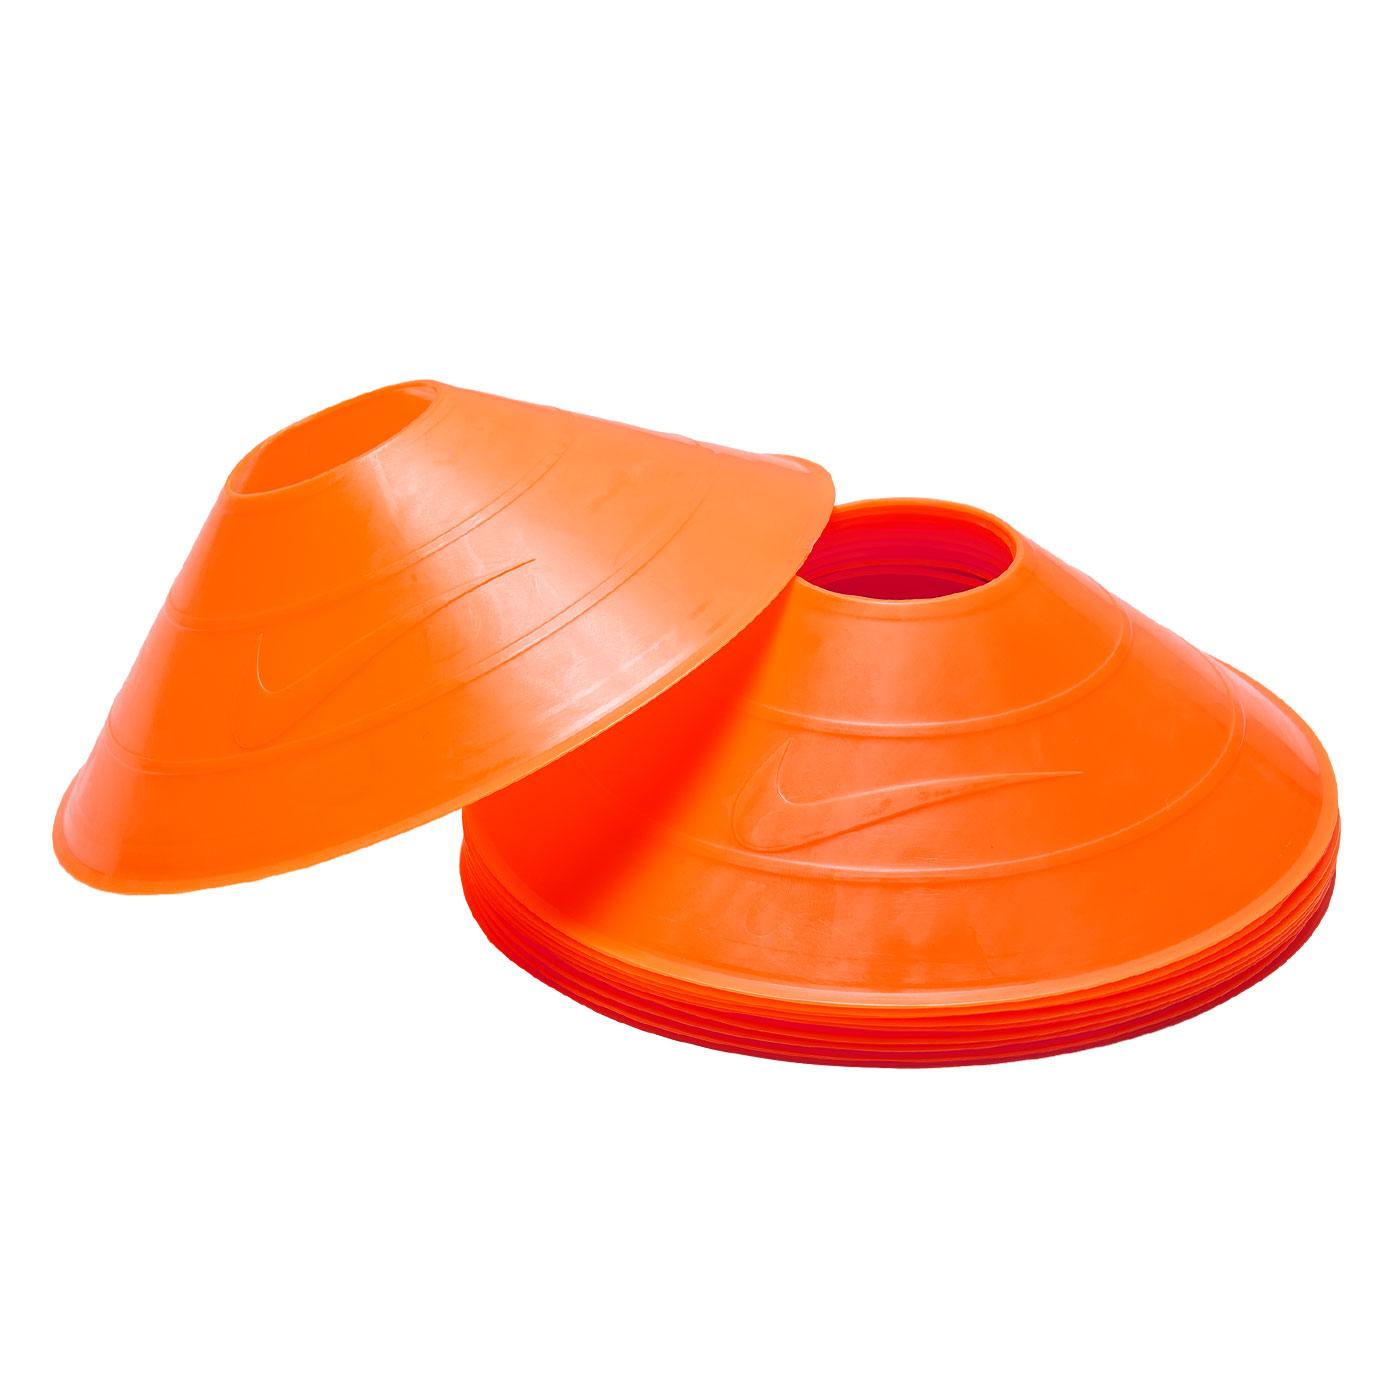 NIKE 碟形訓練用具 NSR08494NS - 螢光橘